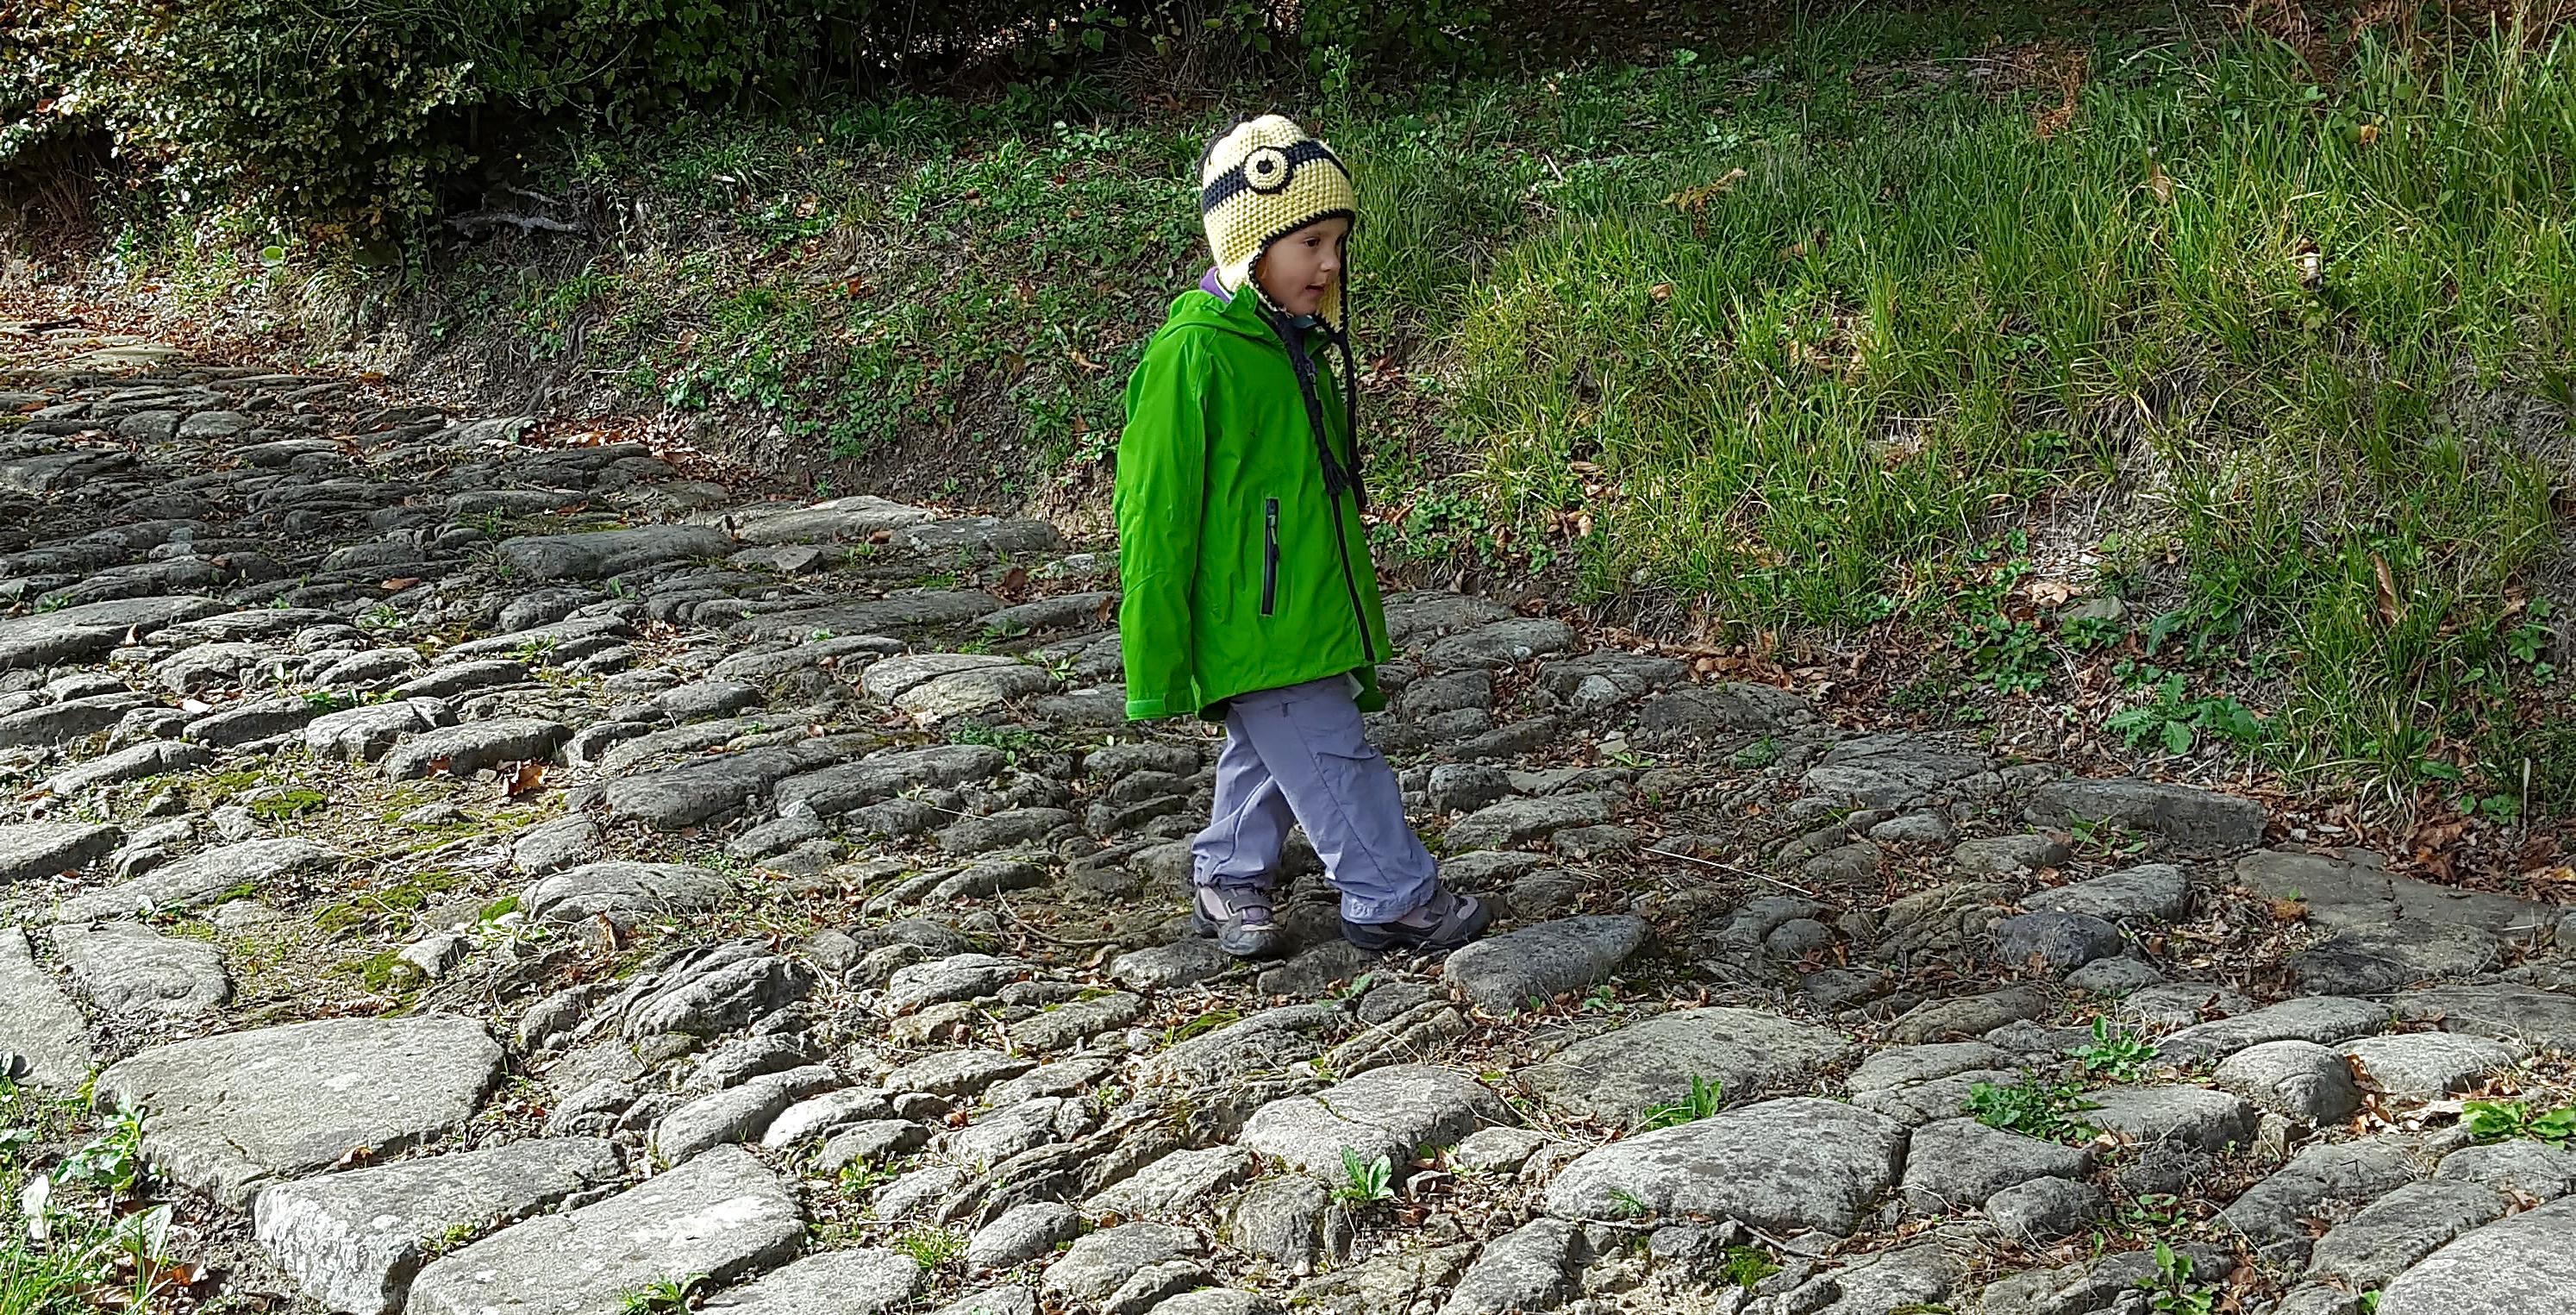 Strade romane e linea gotica: gite per tutti al passo della Futa